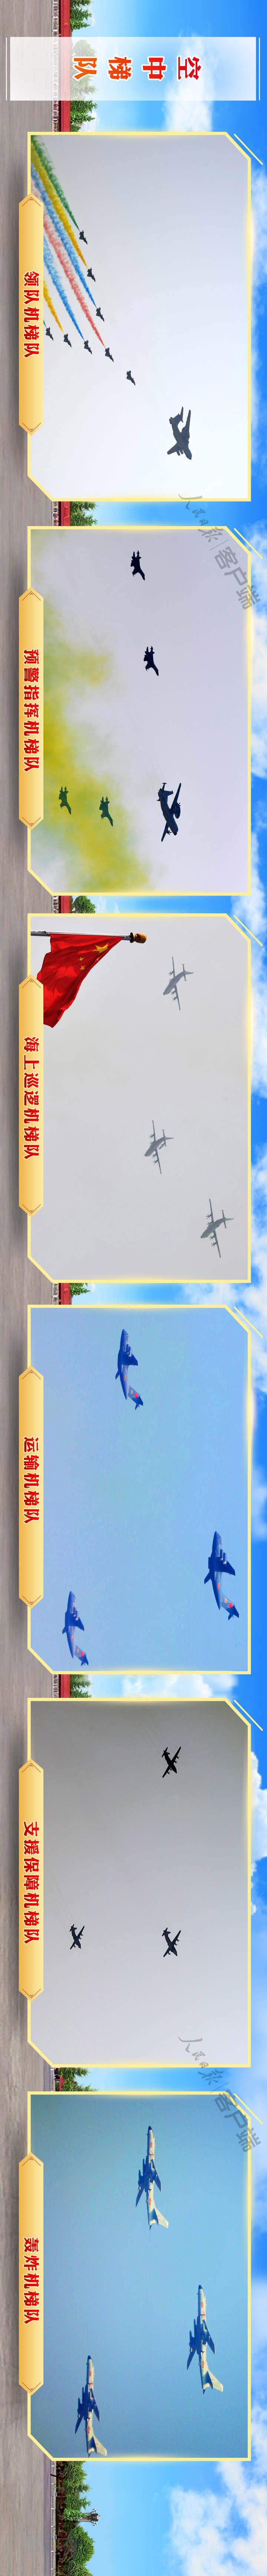 空中梯队1.jpg?x-oss-process=style/w10